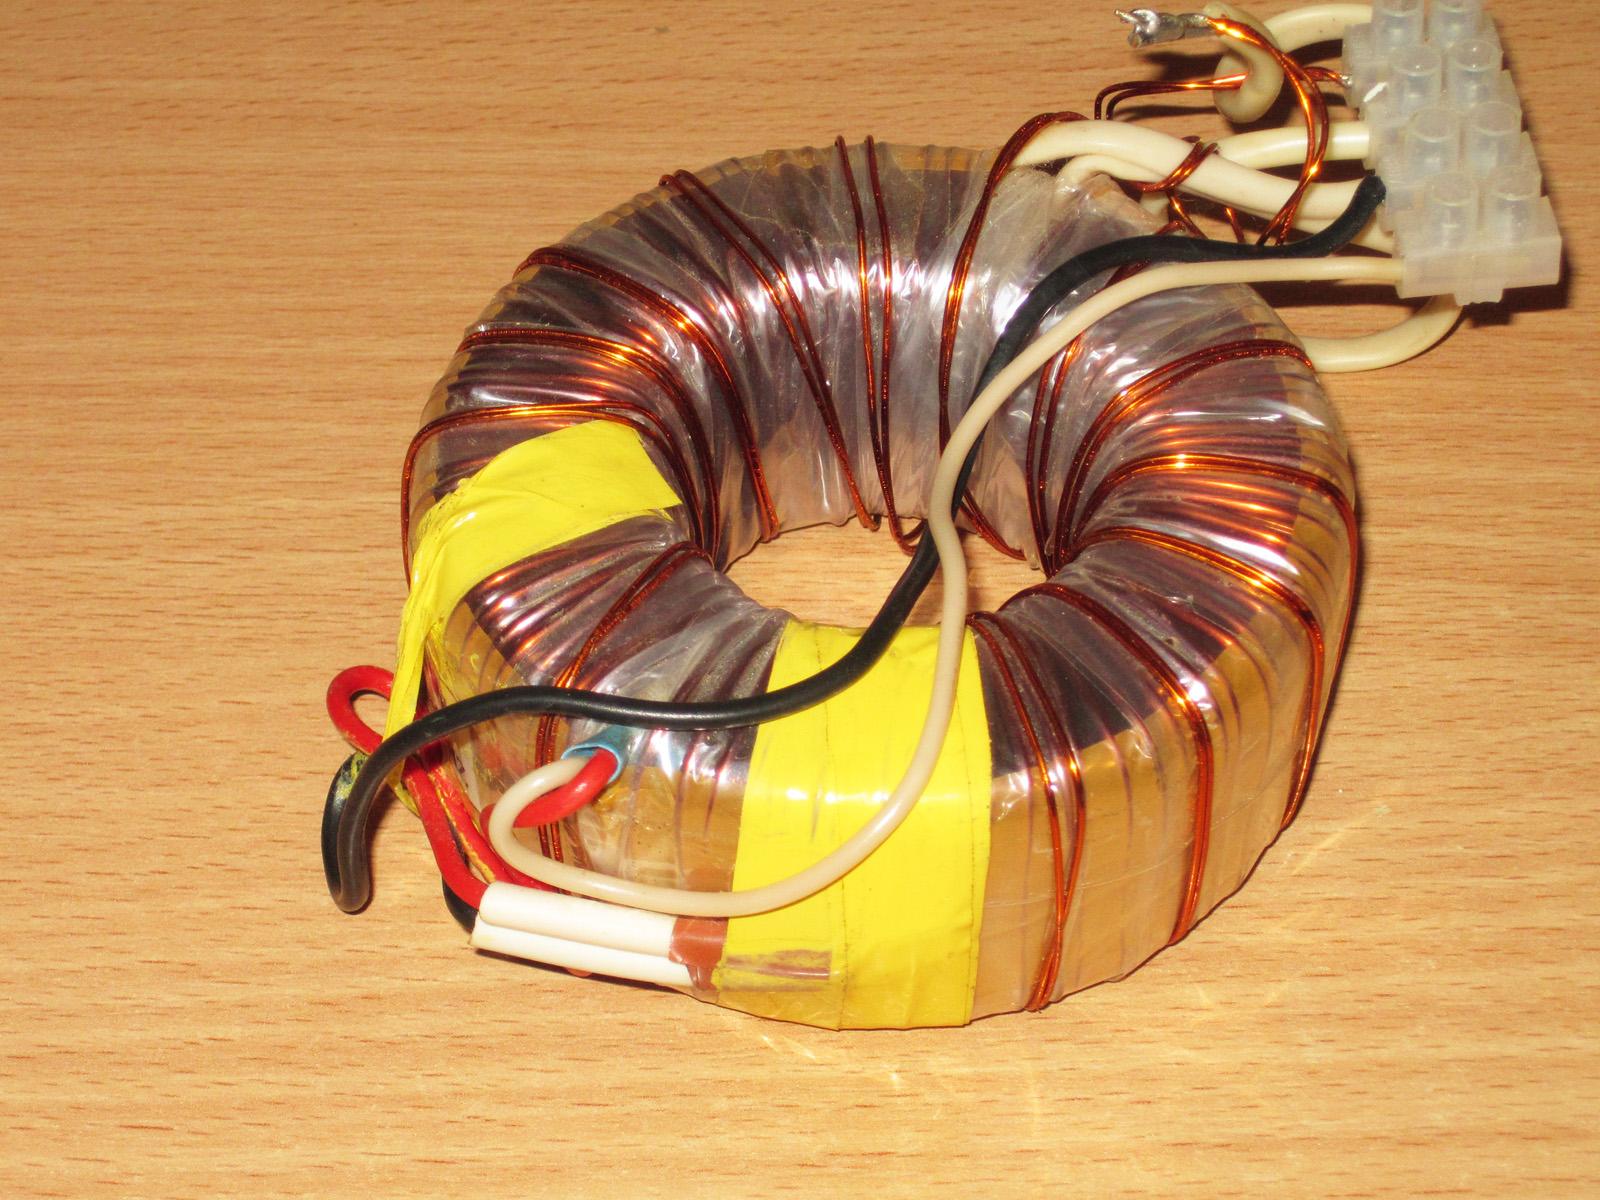 Расчет тороидальный трансформатор своими руками фото 69